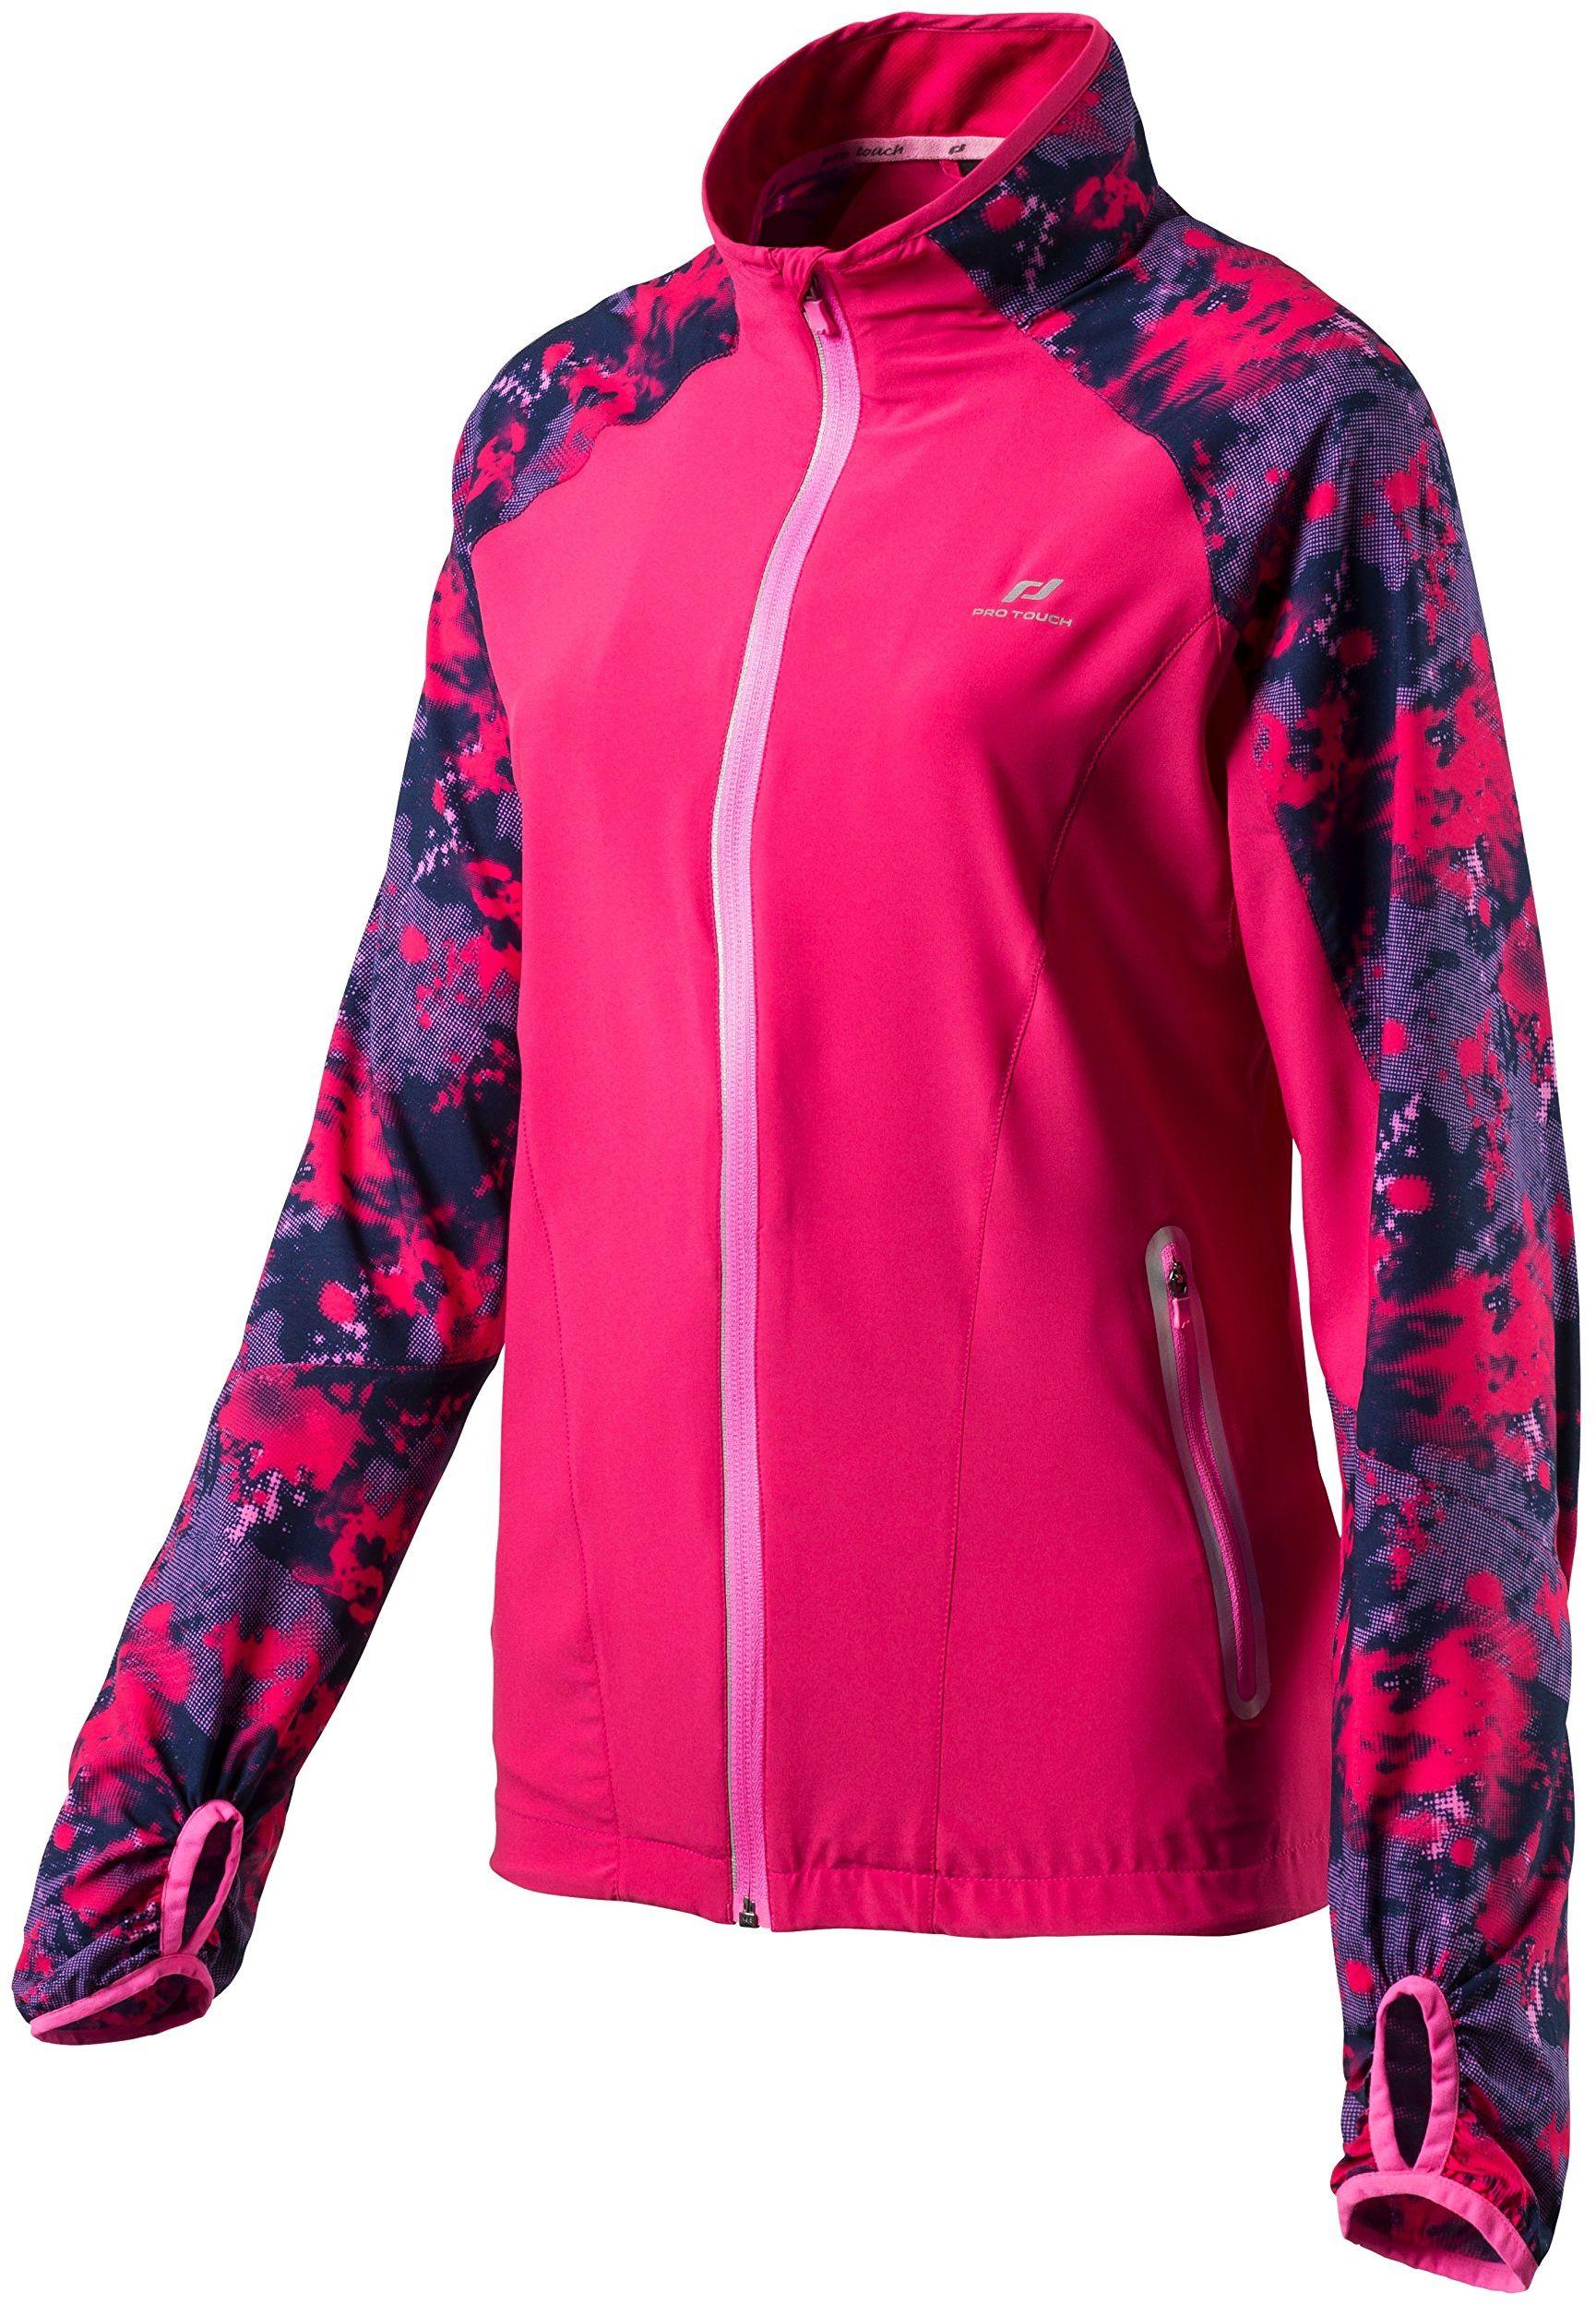 Pro Touch Jausa damska kurtka funkcyjna różowy Rosa 42